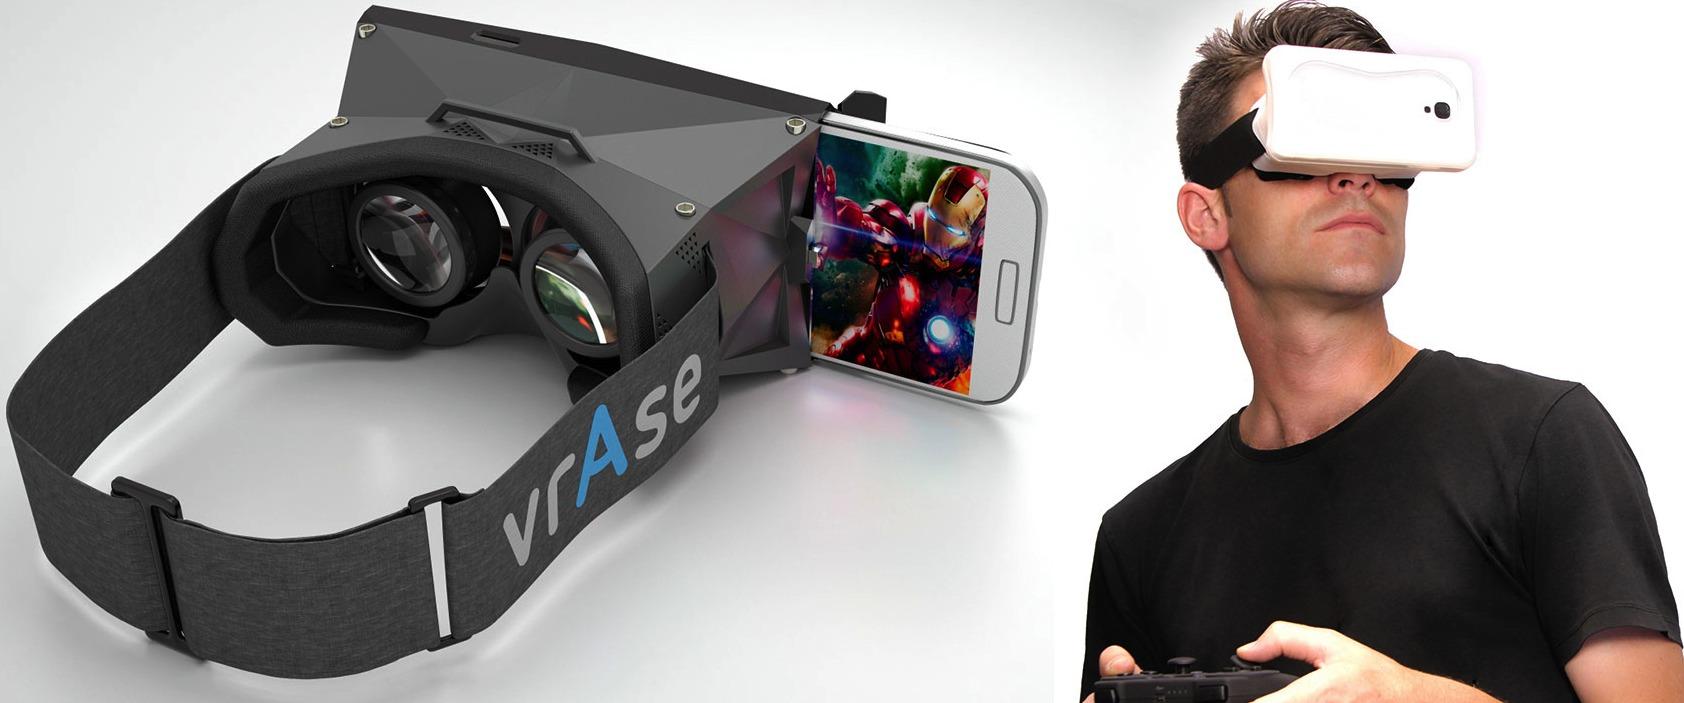 vrAse - виртуальная реальность в Galaxy S4